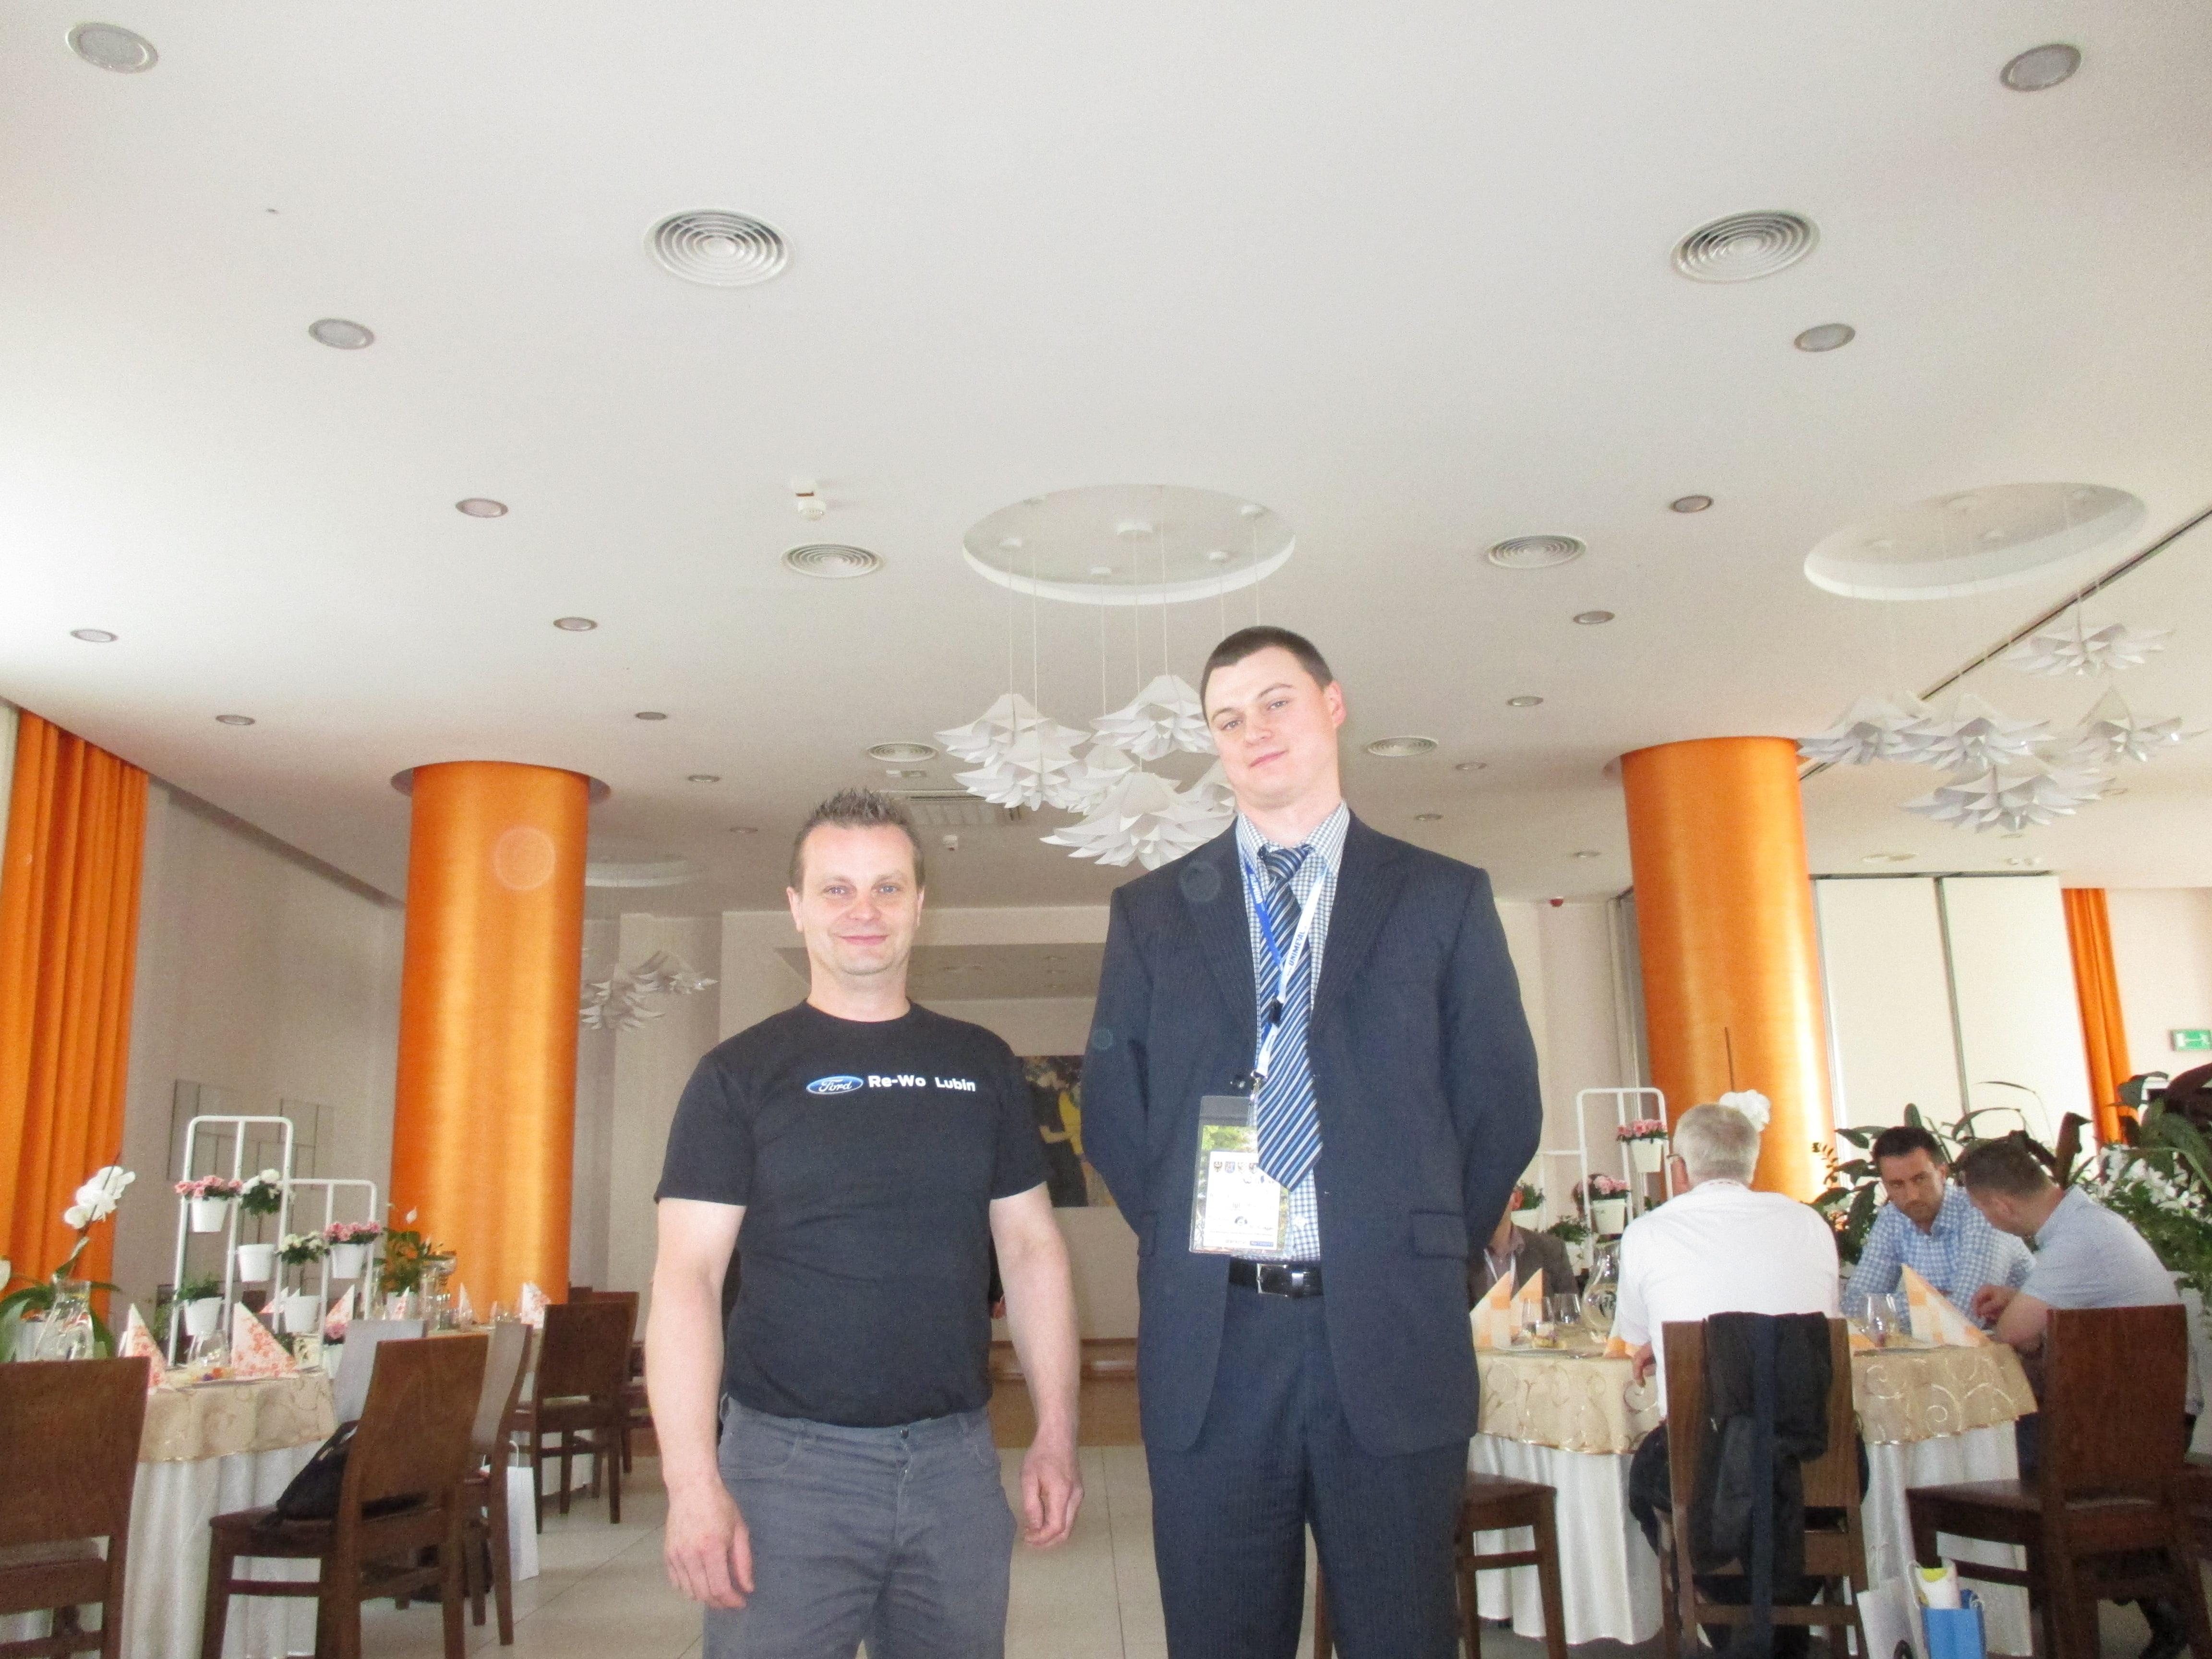 I Mistrz Diagnostyki - Kol. Łukasz Ciepiela z SIMP Tarnów (z lewej strony) oraz Kol. Dariusz Ostrowski z PZM-ot OZDG Wrocław (z prawej strony) po oficjalnym ogłoszeniu wyników